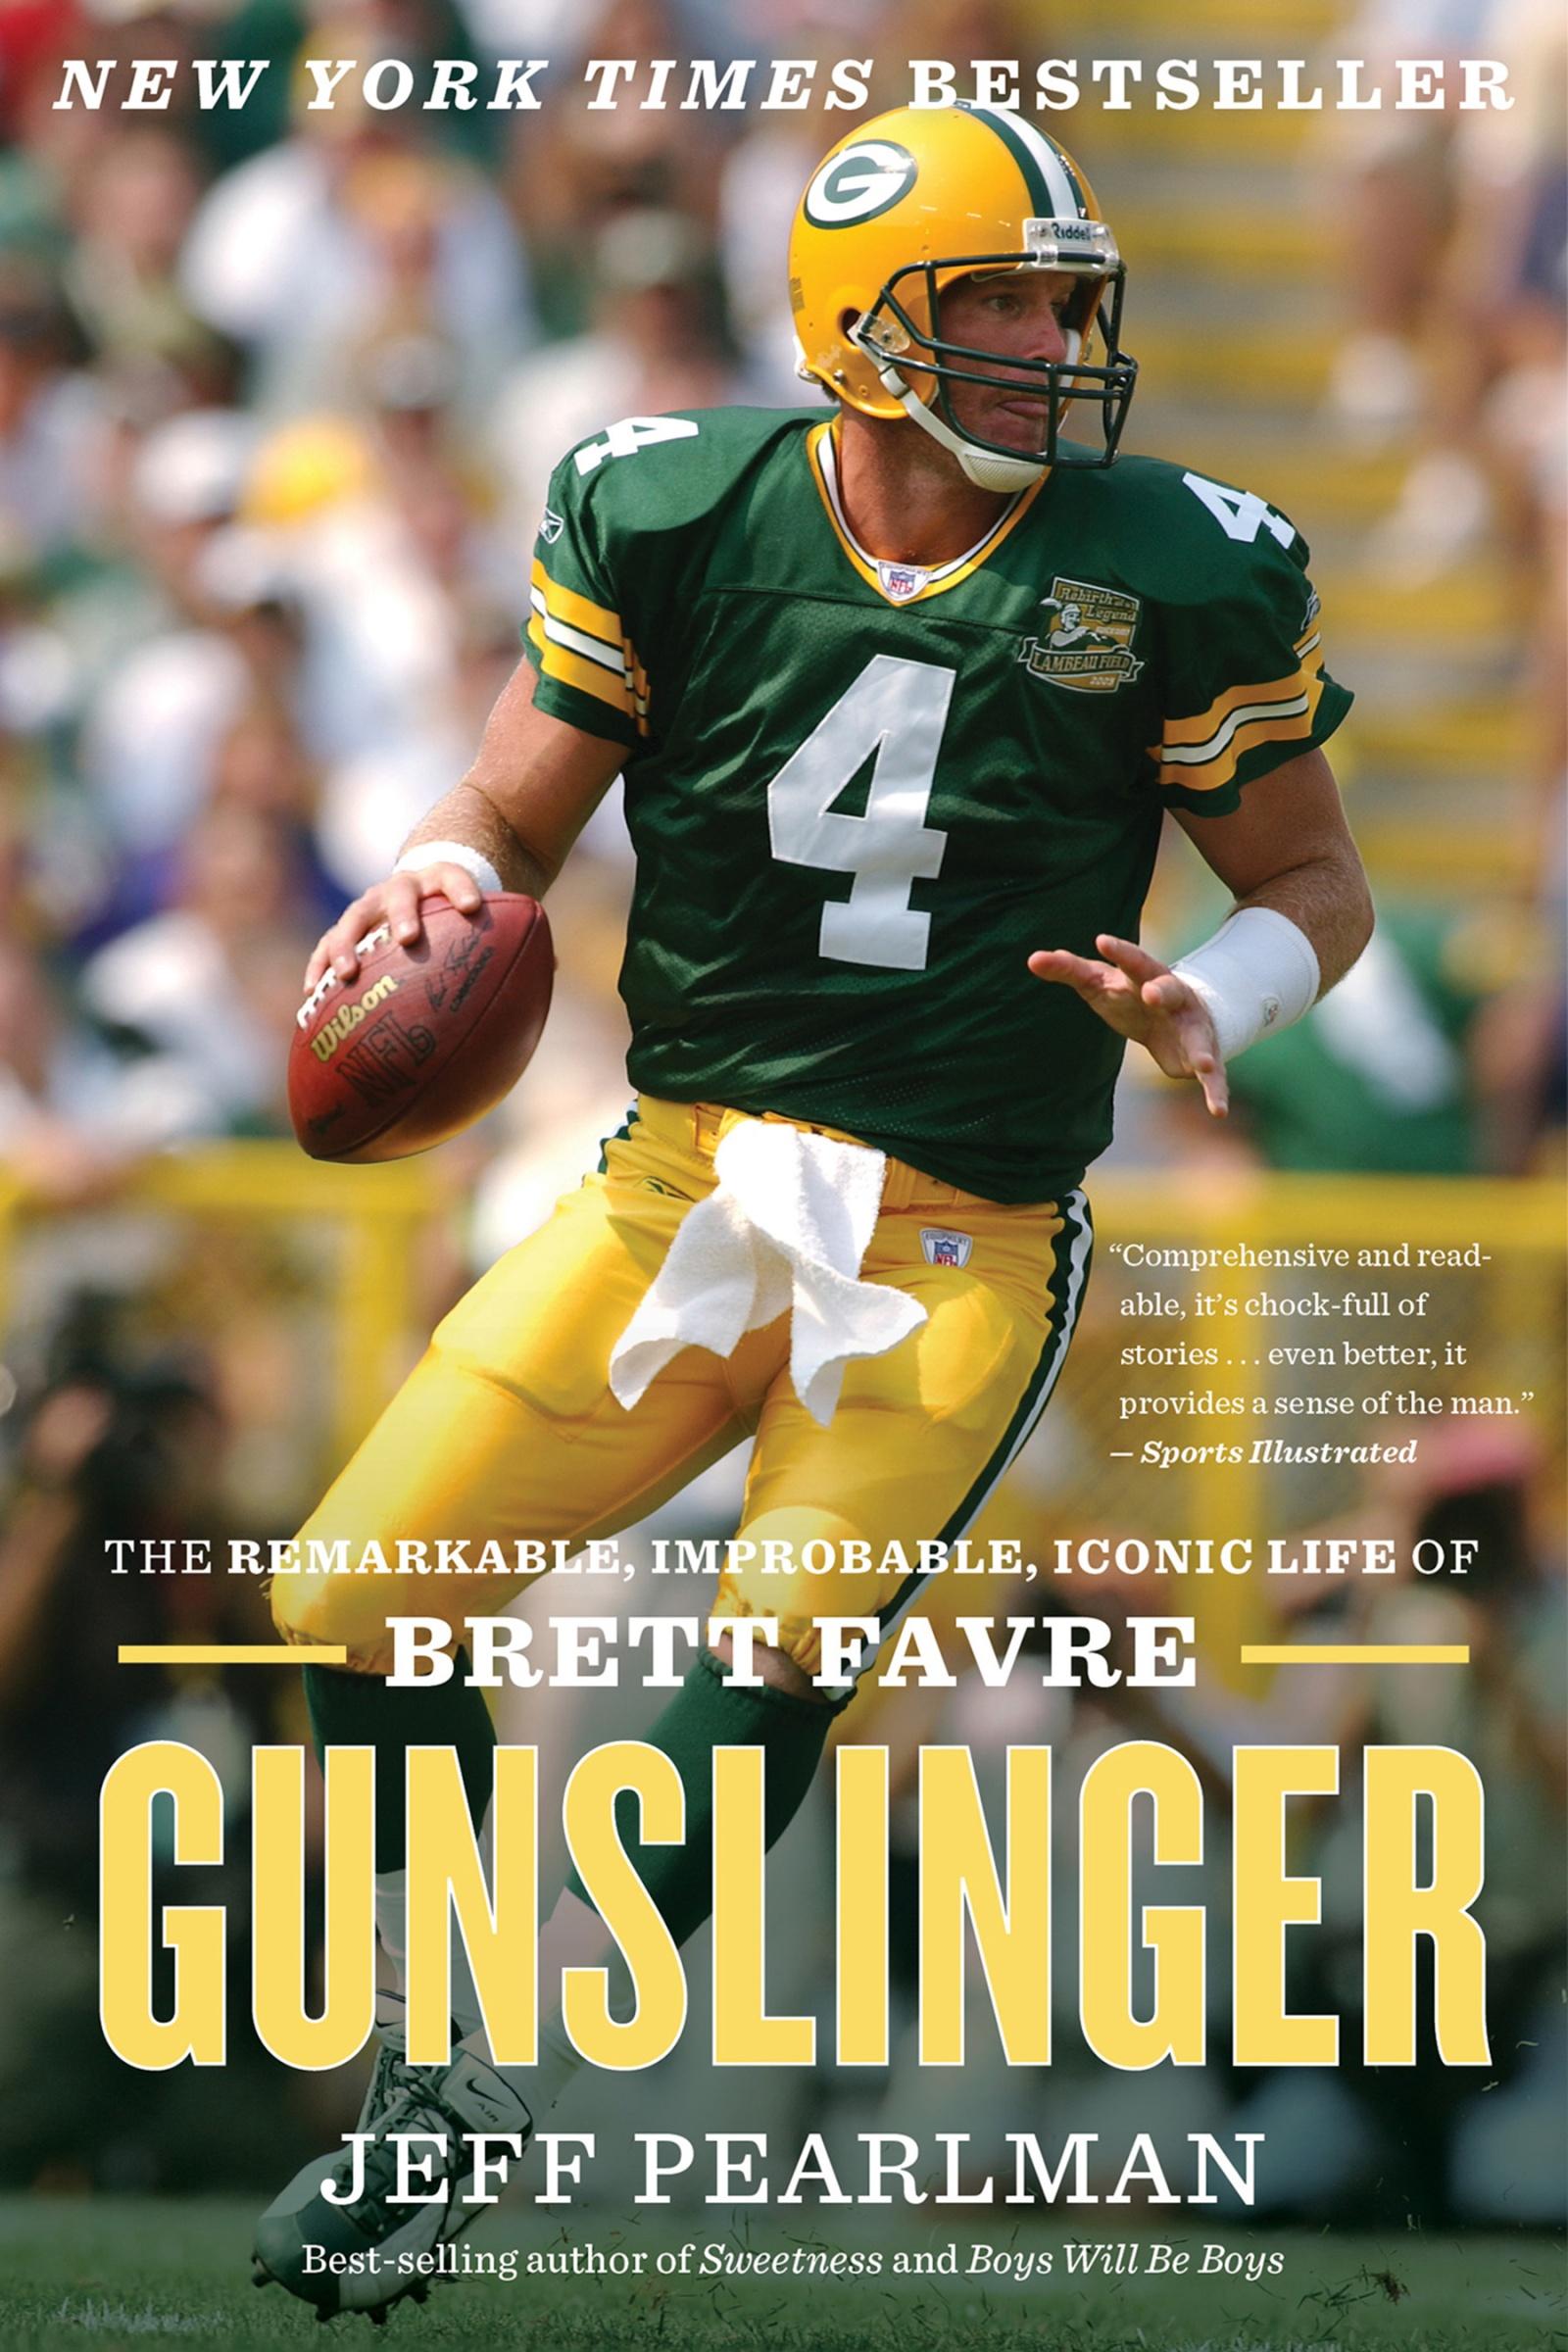 Gunslinger The Remarkable, Improbable, Iconic Life of Brett Favre